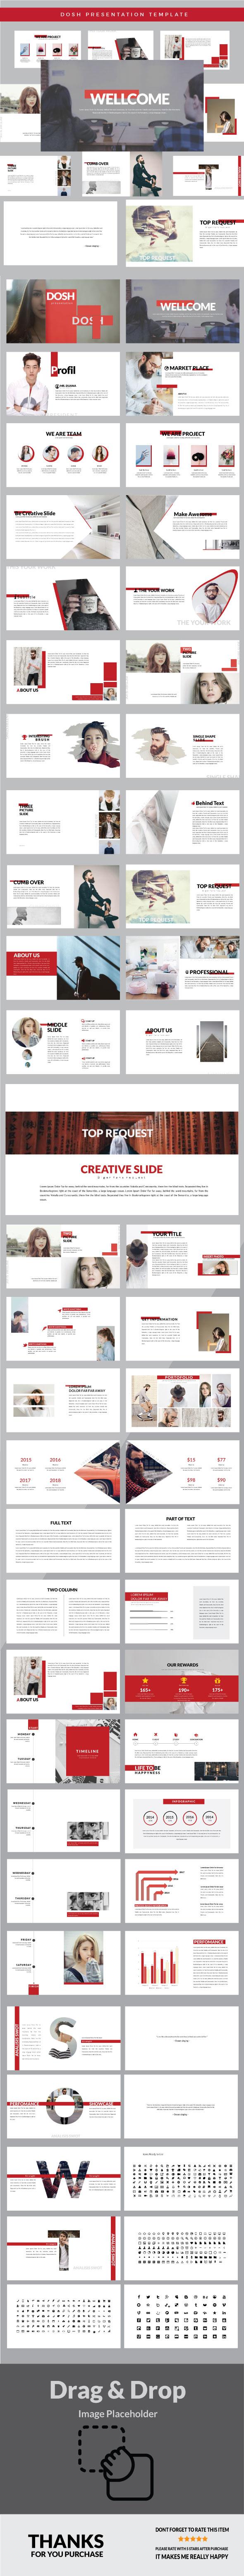 Dosh - Google Slide - Google Slides Presentation Templates